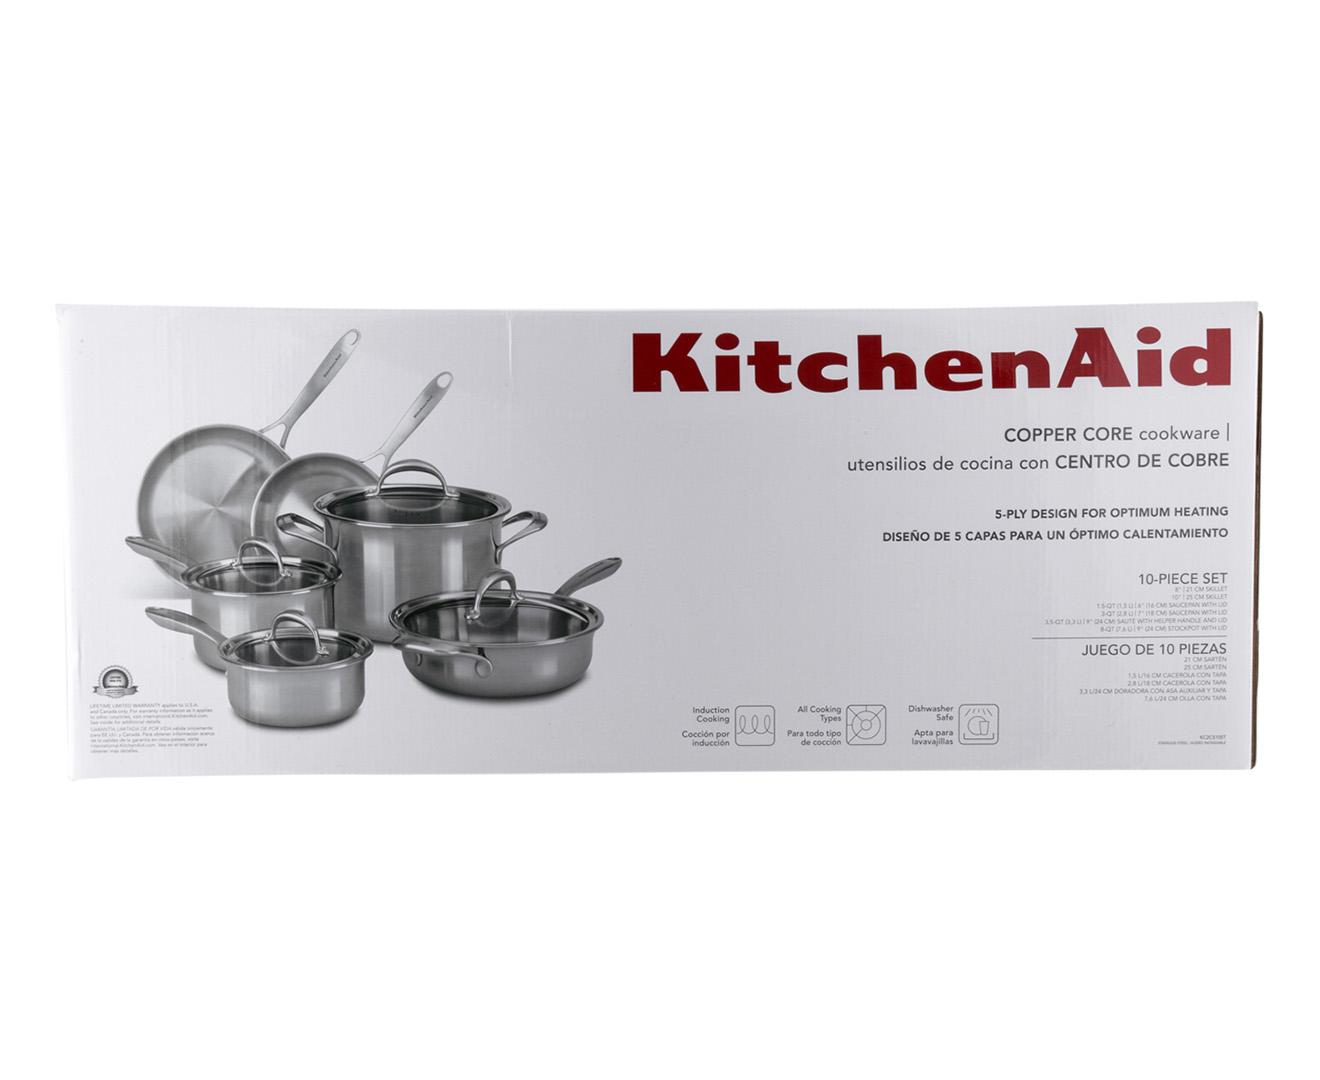 Kitchenaid copper core cookware 6 piece set silver for Kitchenaid 6 set